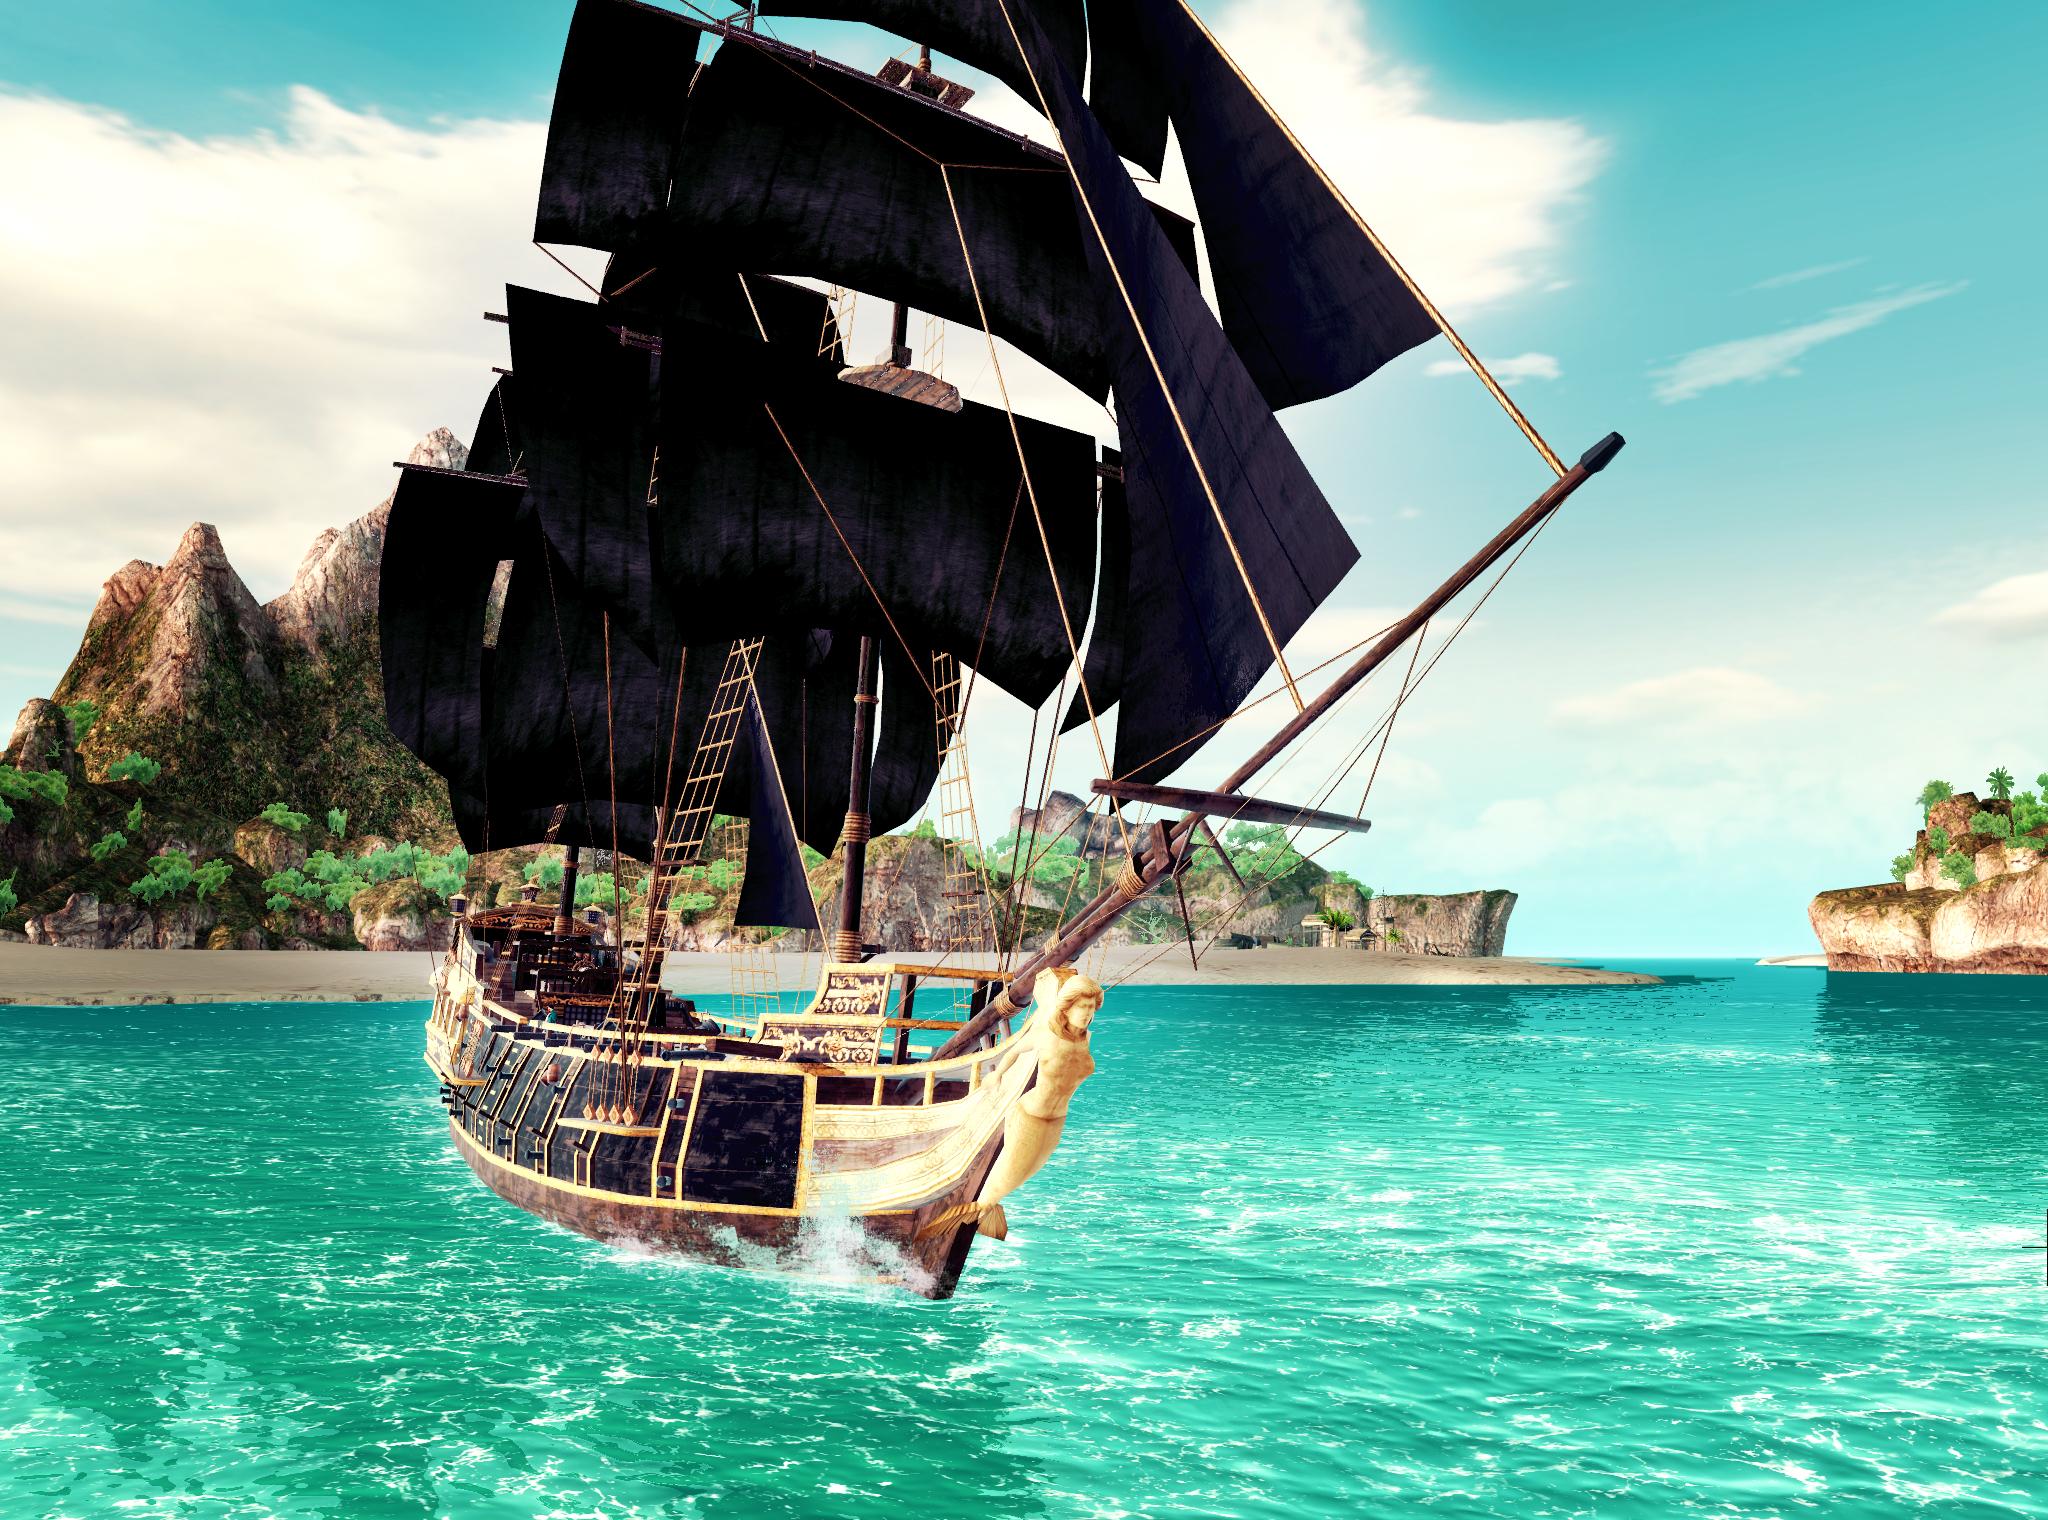 Assassins Creed Pirates Sparkedit 2013 12 31 10 56 42 99 Brutal Gamer